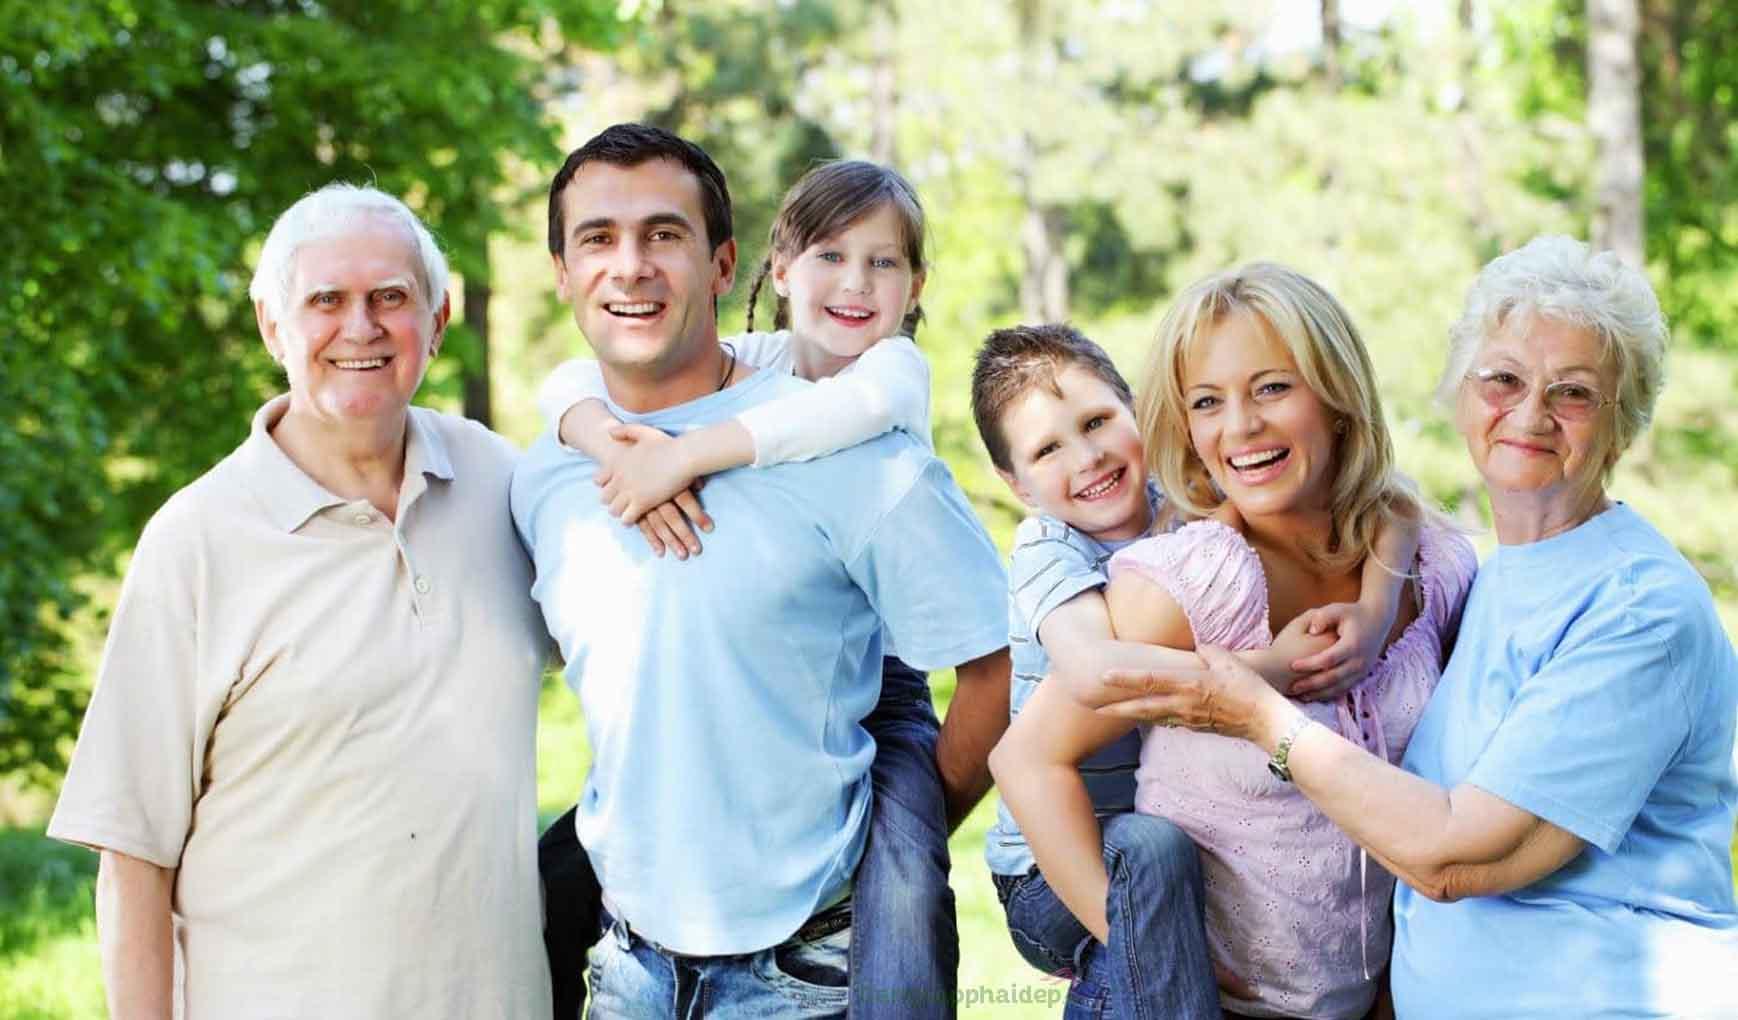 Tôm đỏ Argentina là loại thực phẩm dinh dưỡng dành cho cả gia đình bạn